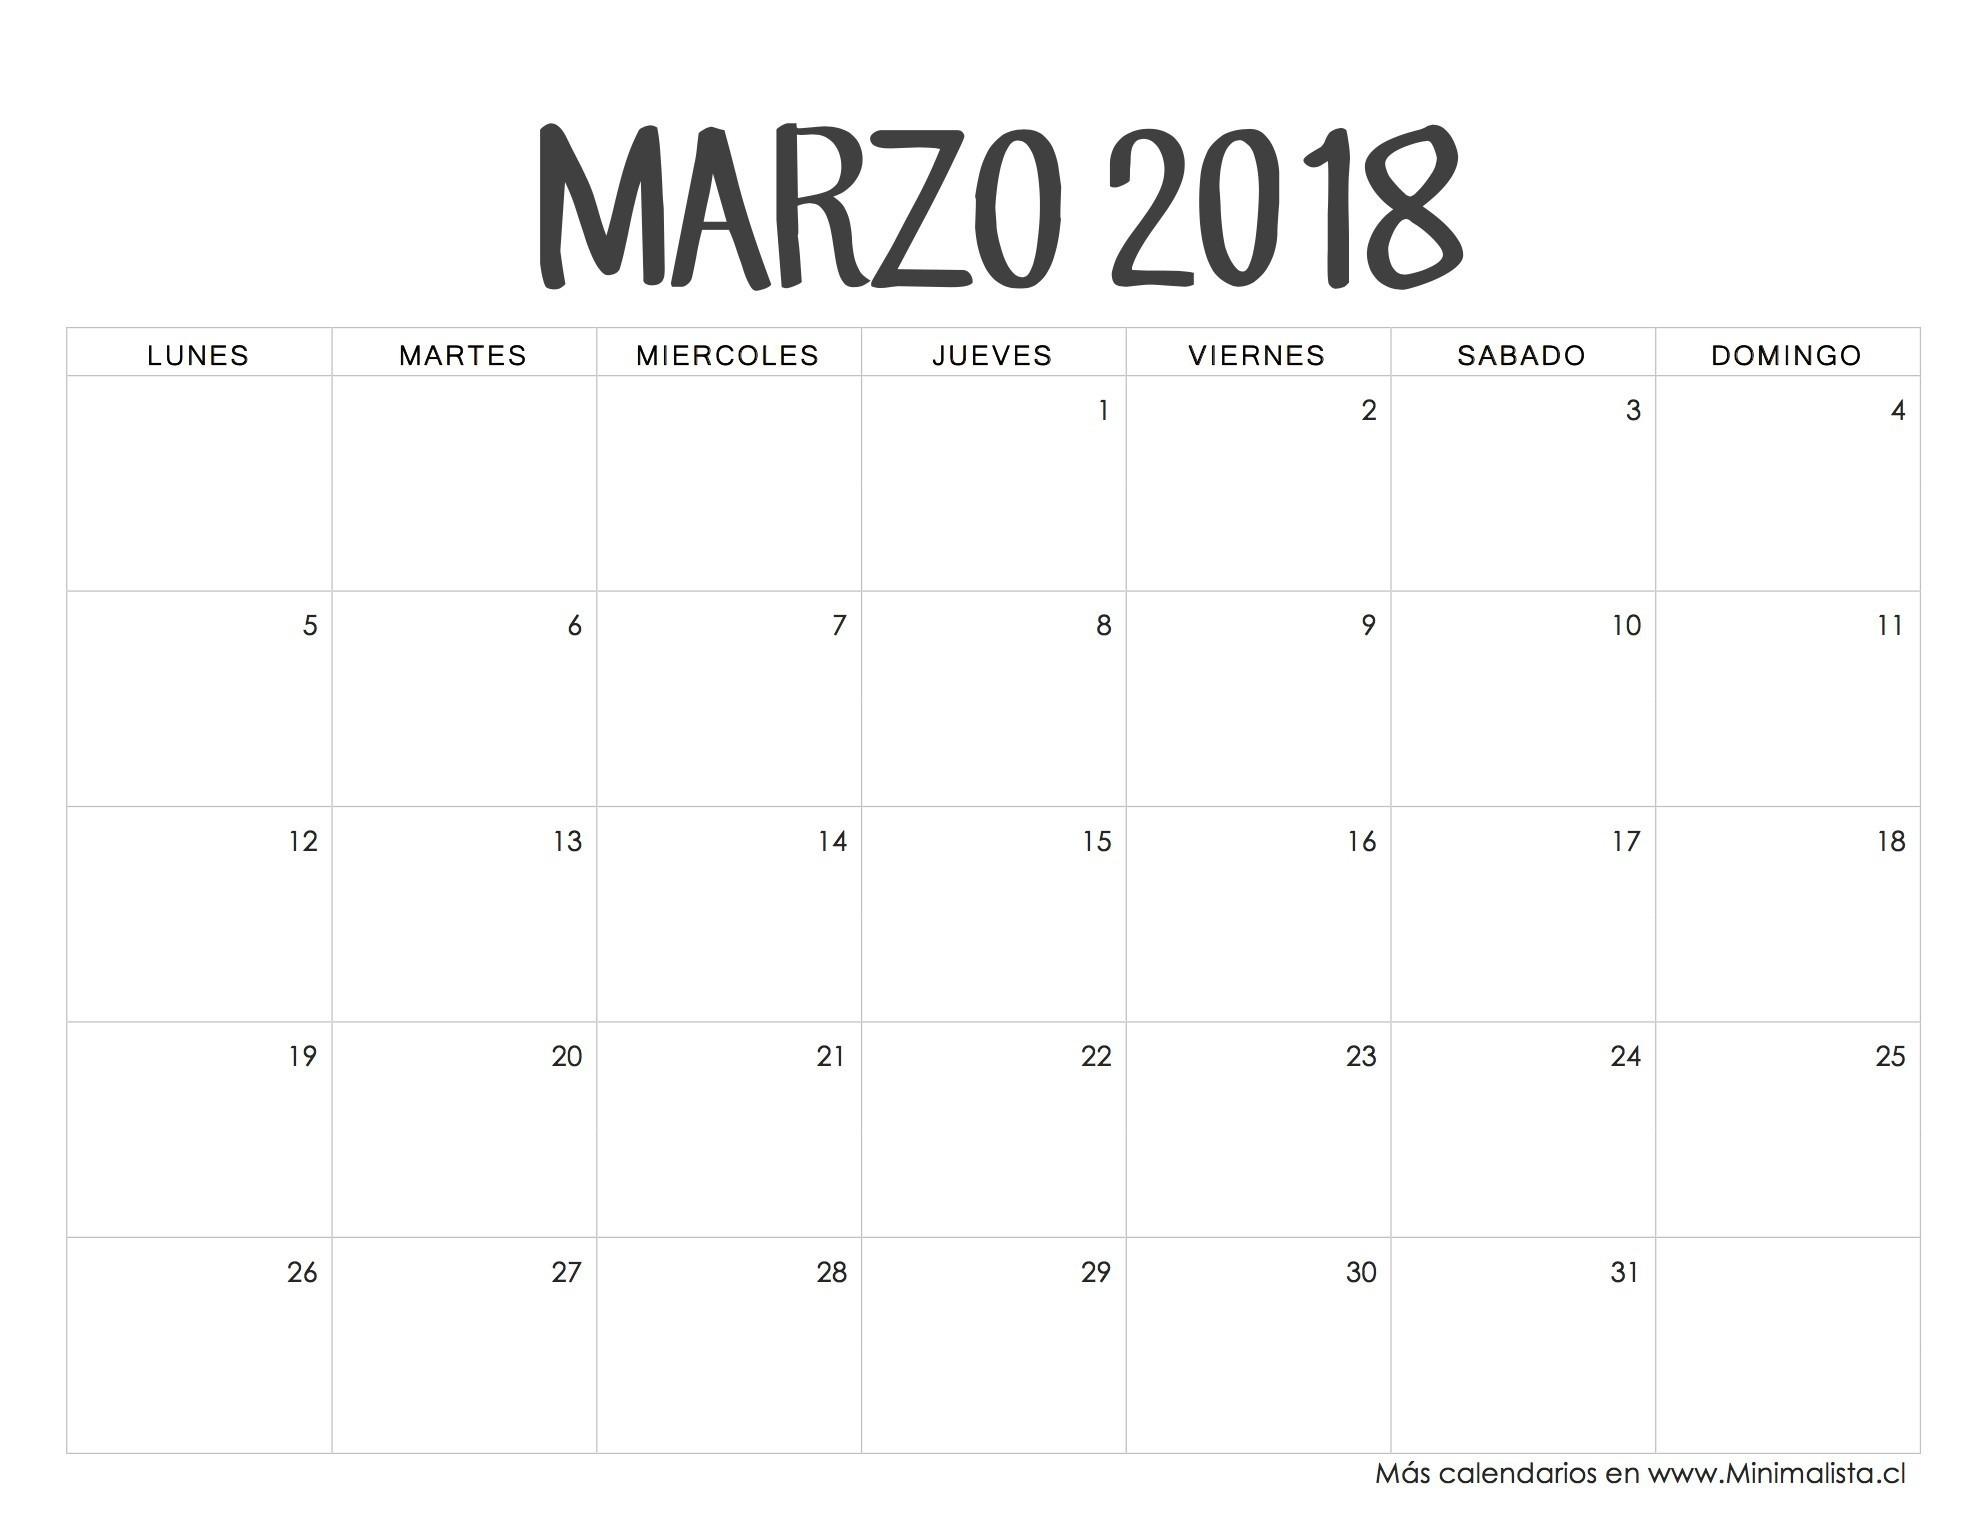 calendario enero febrero marzo 2020 mas recientes informacic2b3n calendario imprimir noviembre 2019 of calendario enero febrero marzo 2020